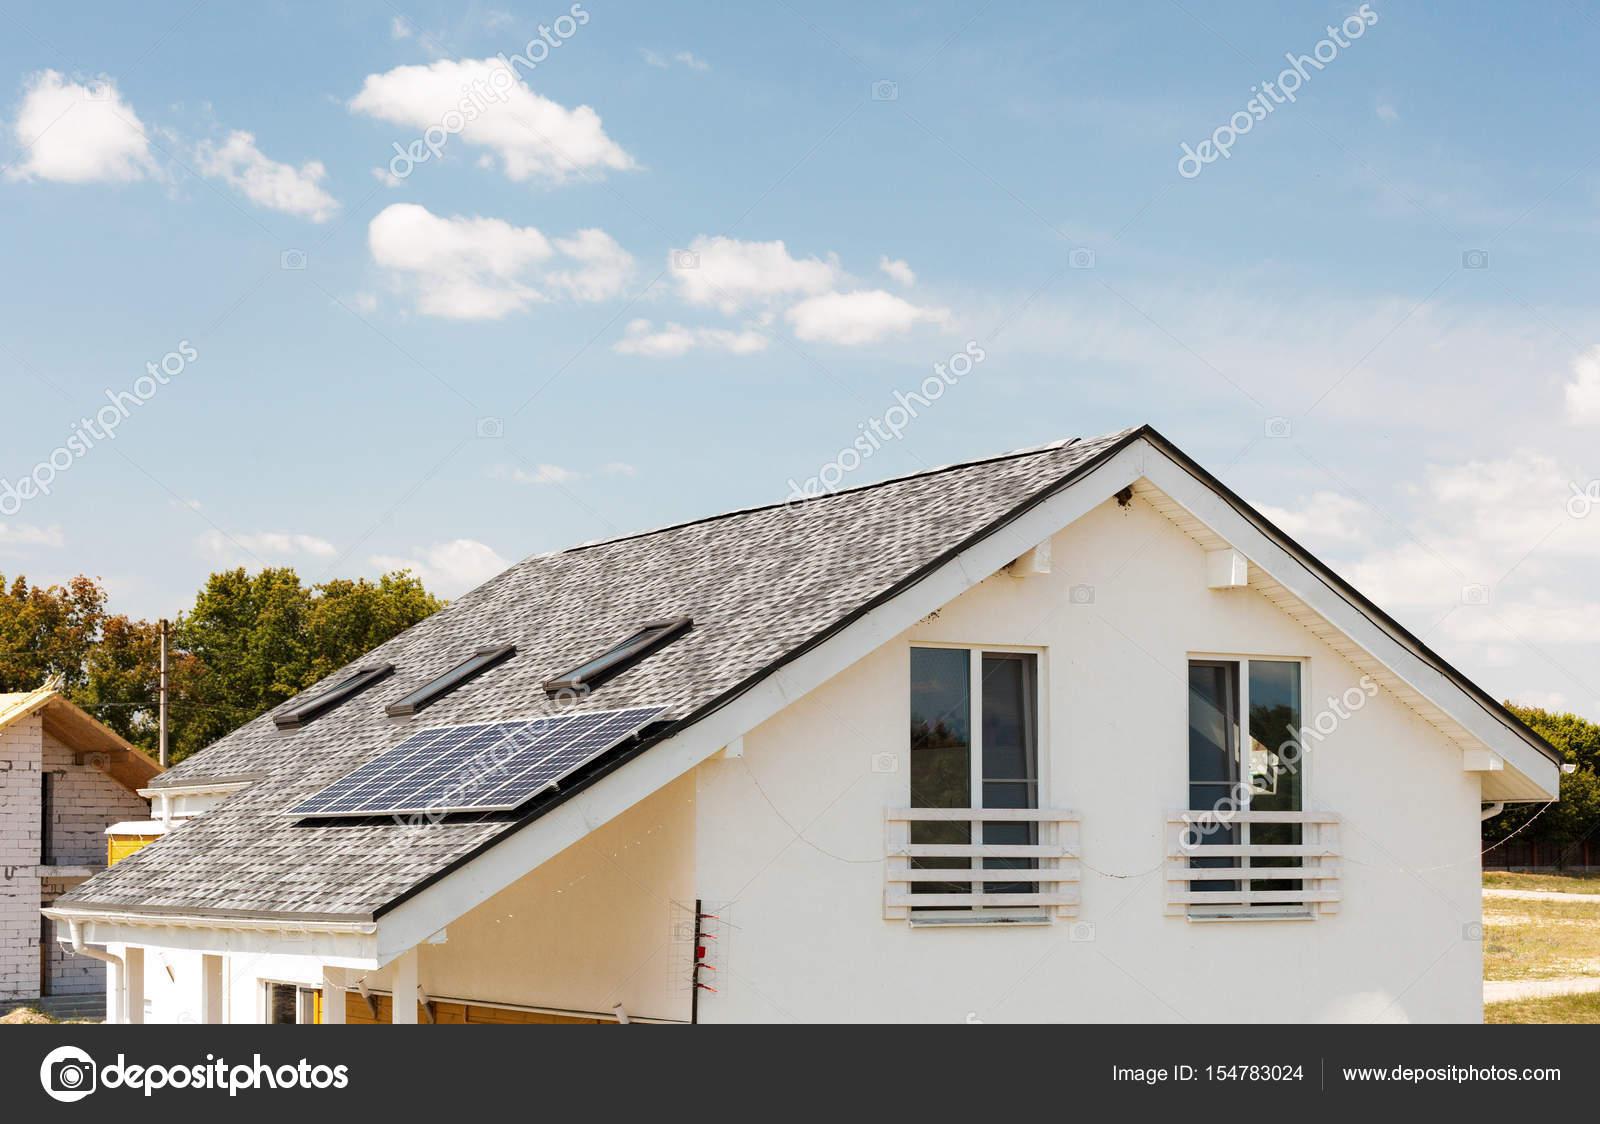 Awesome Solare Wasser Panel Heizung Auf Neue Haus Dach Mit Oberlichtern Gegen  Blauen Himmel U2014 Stockfoto